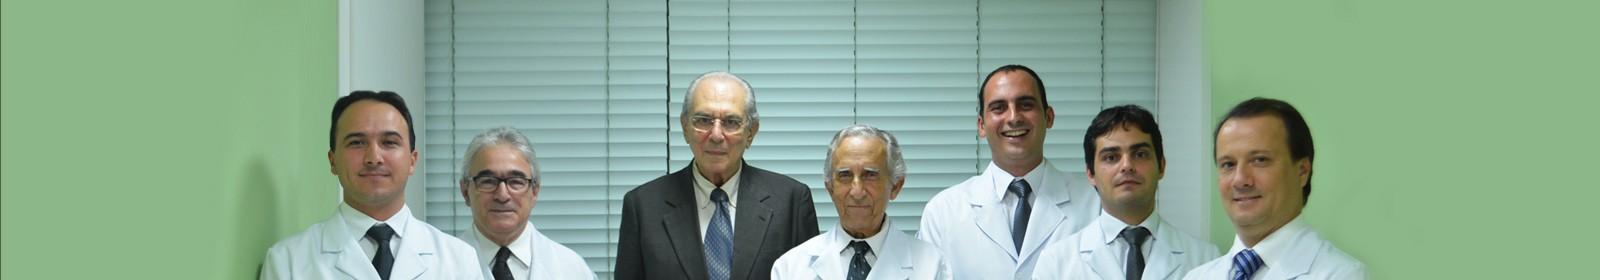 Clinica Nexa